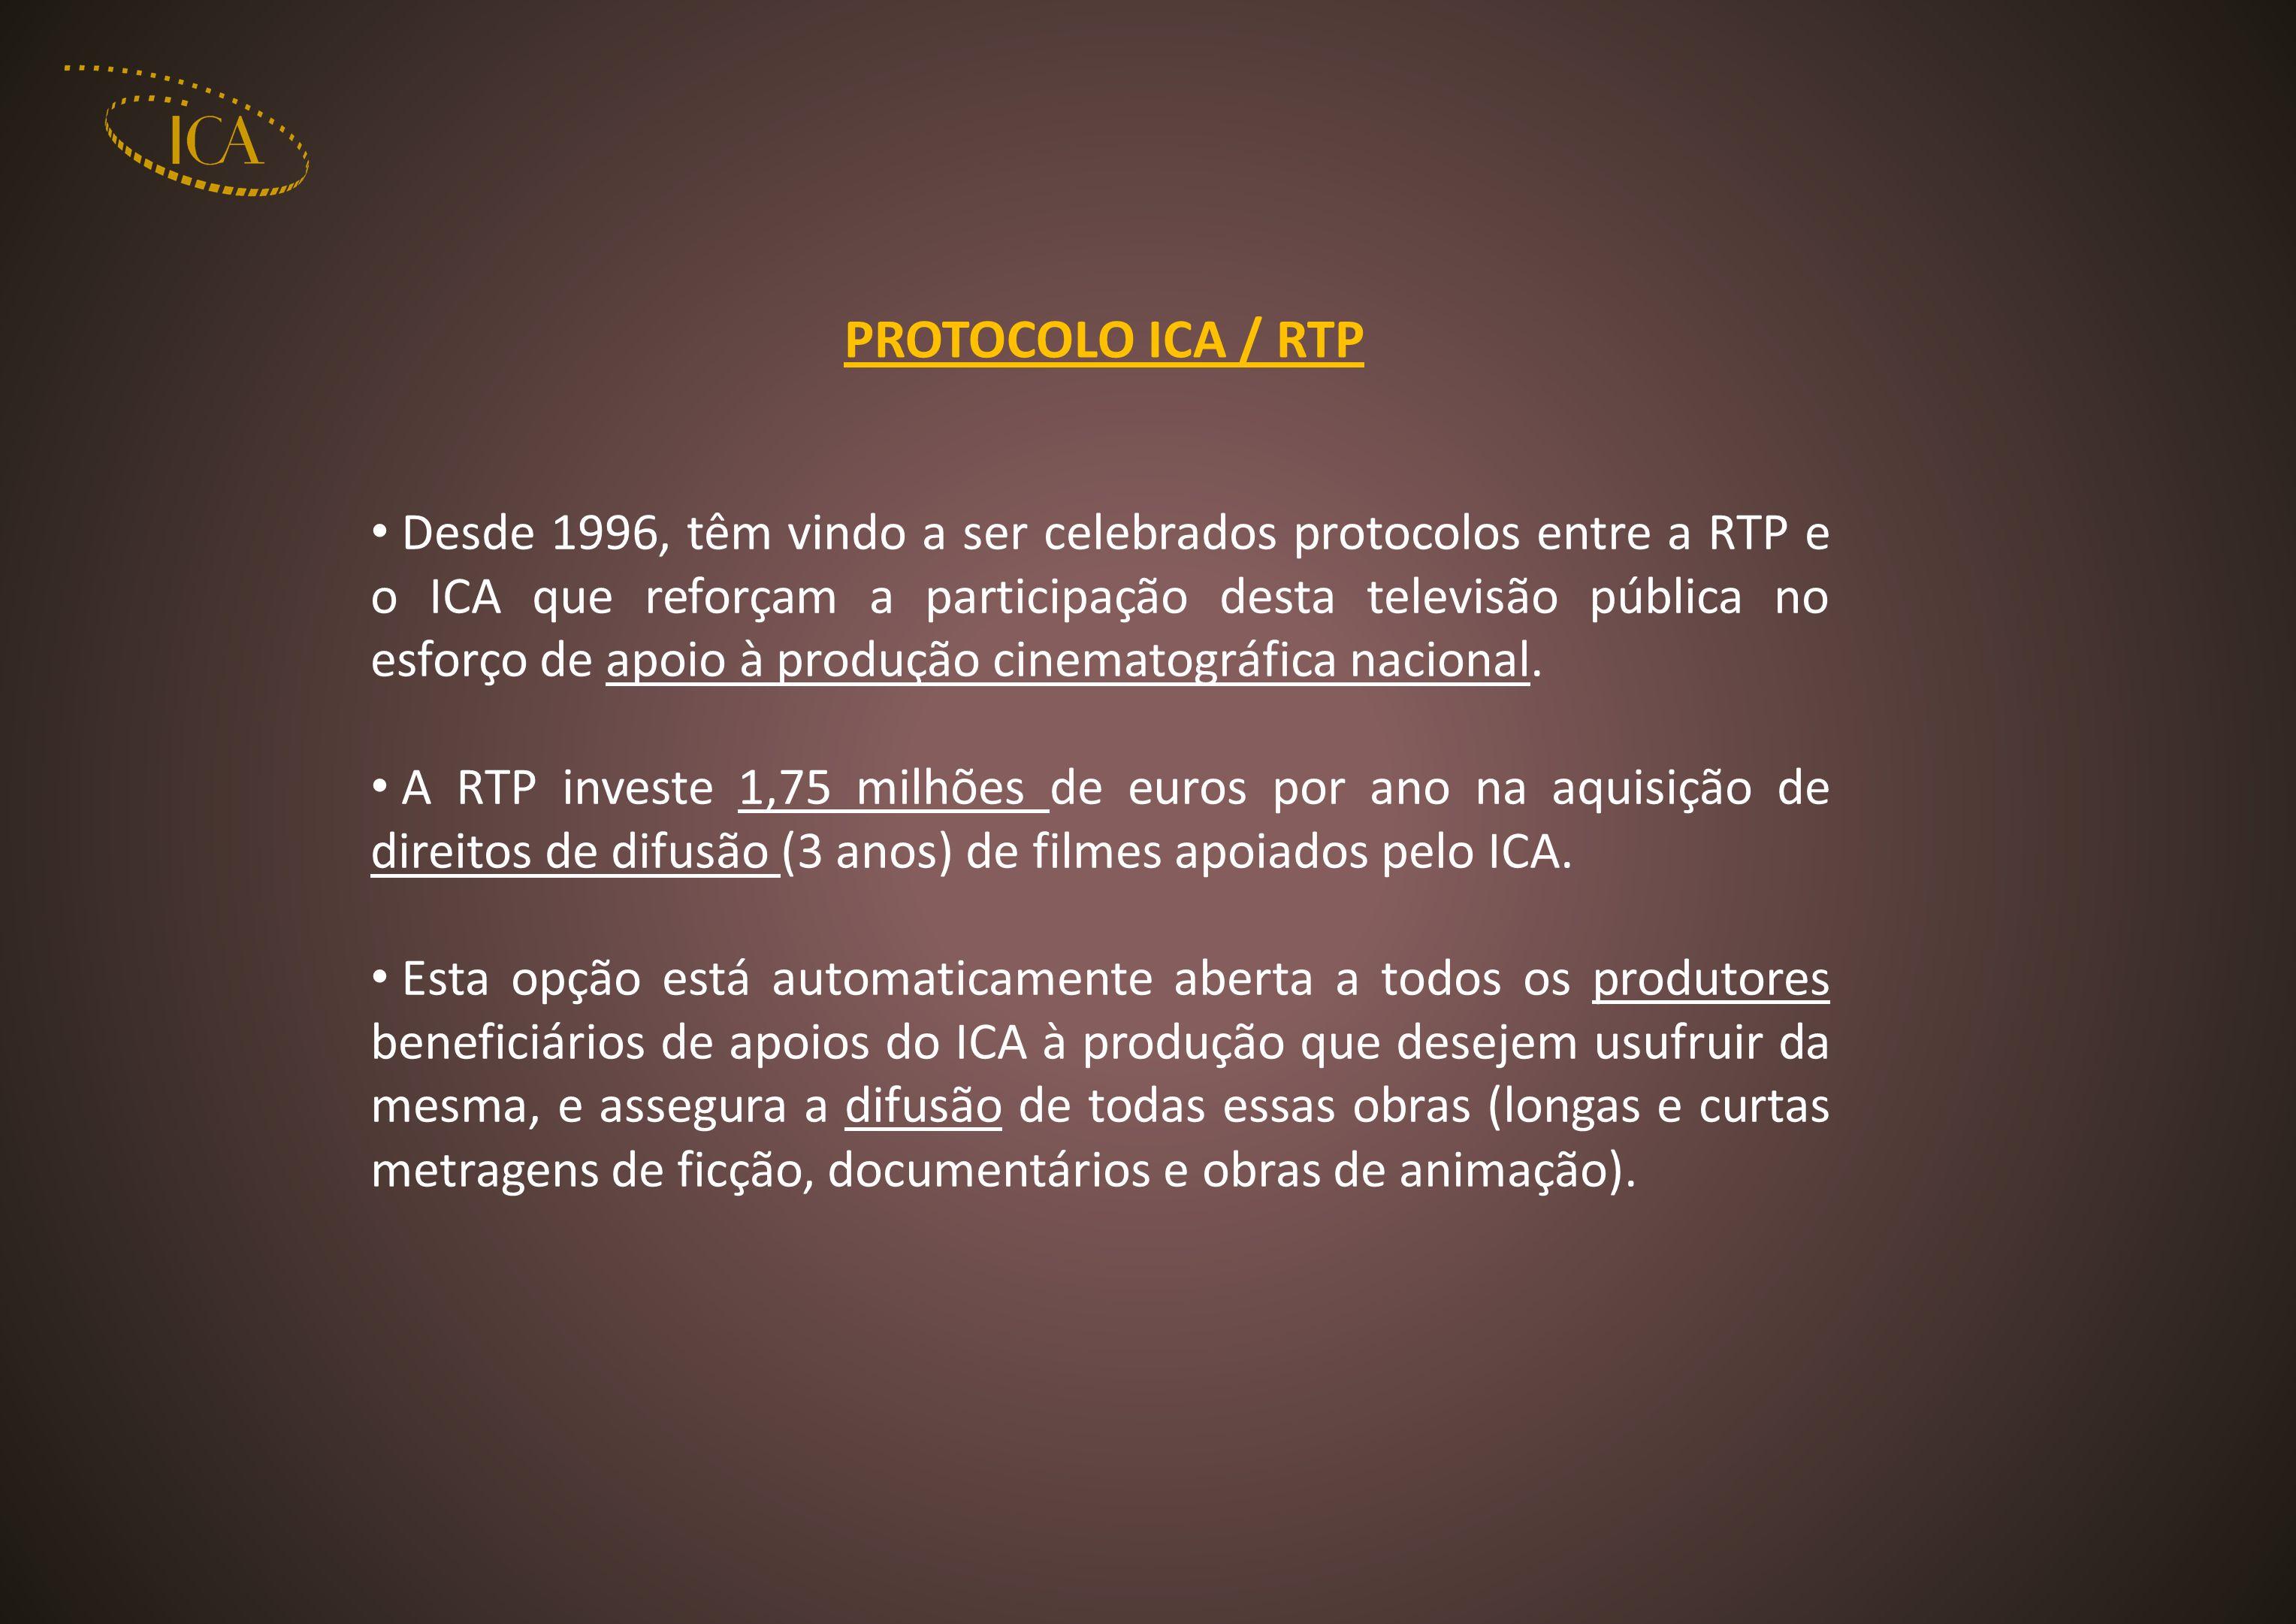 Desde 1996, têm vindo a ser celebrados protocolos entre a RTP e o ICA que reforçam a participação desta televisão pública no esforço de apoio à produç